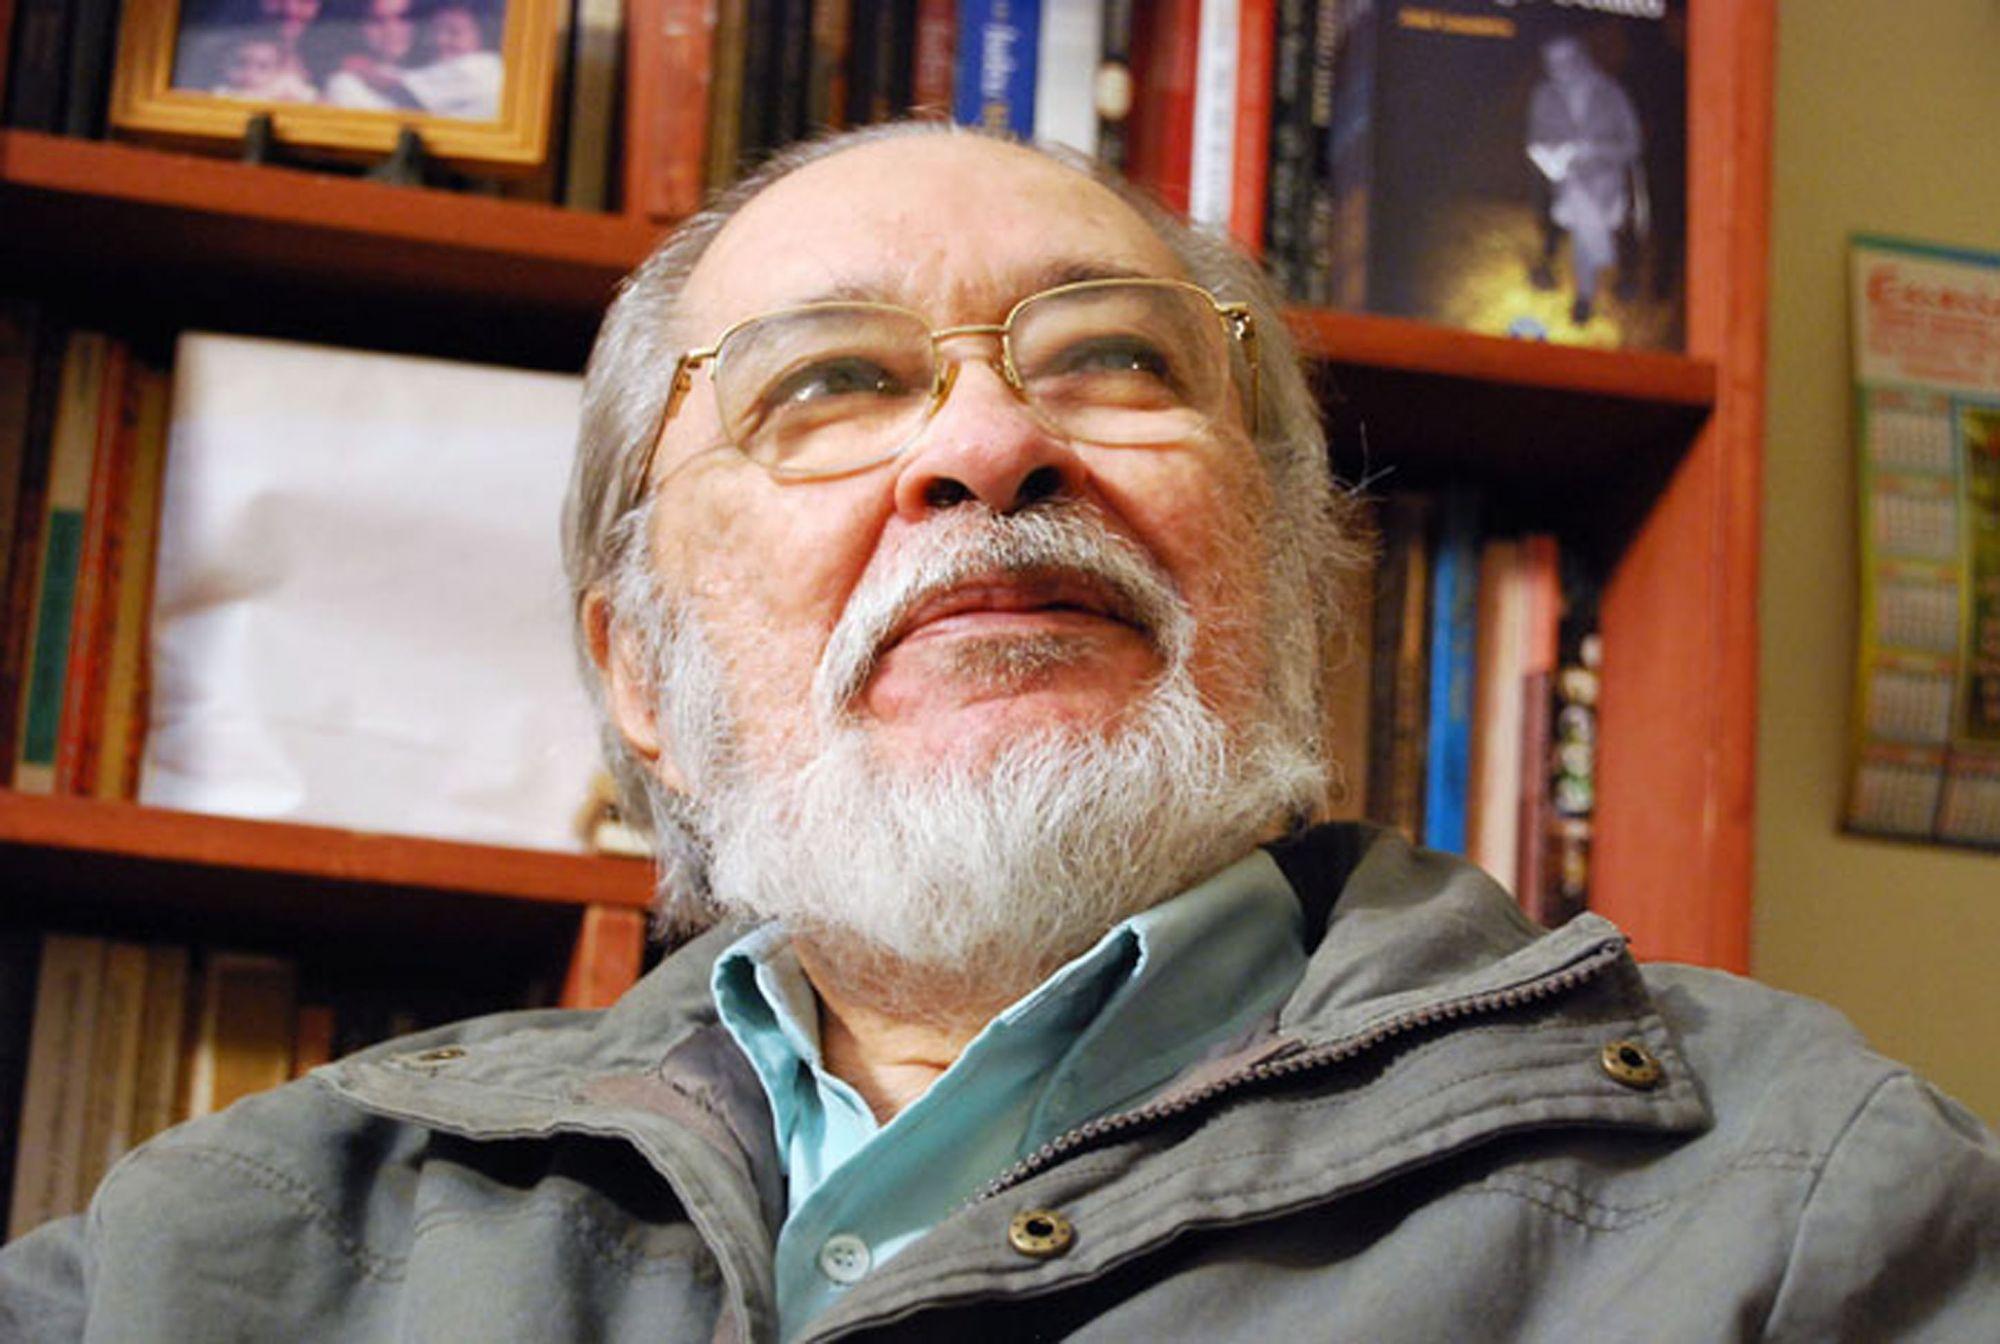 Morto aos 85 anos, José Louzeiro era bom prosador